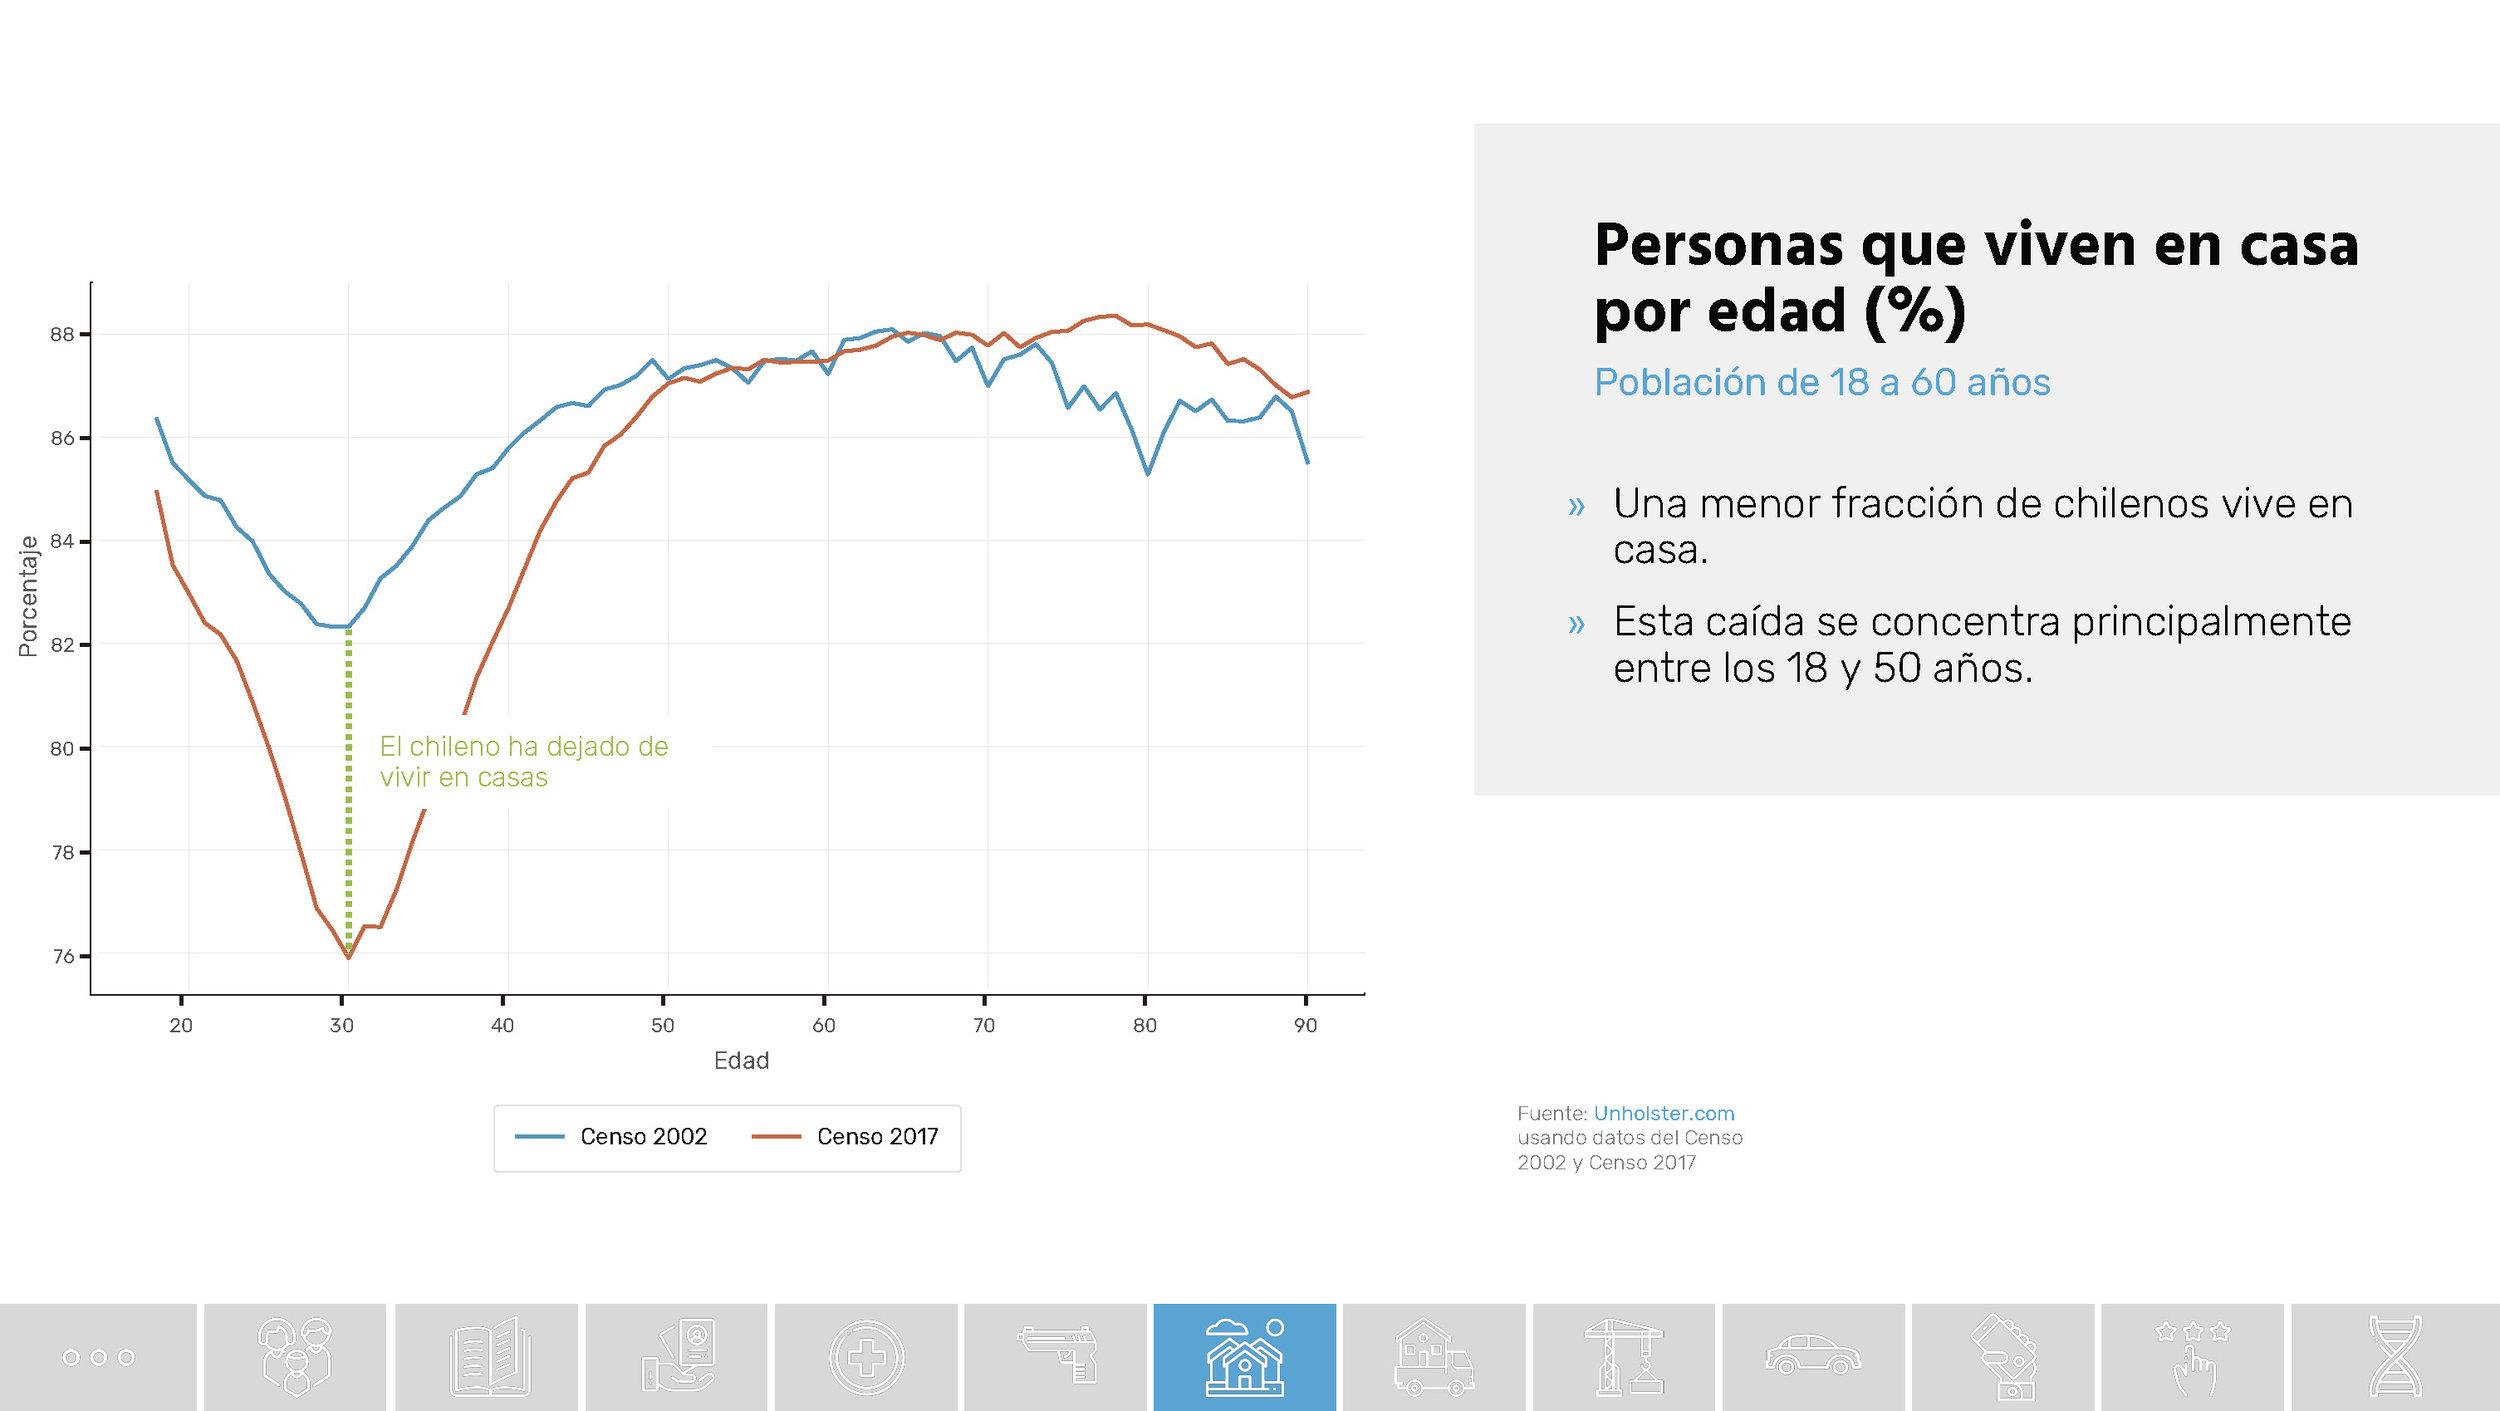 Chile_Datos de una transformacion social_Unholster_Página_49.jpg